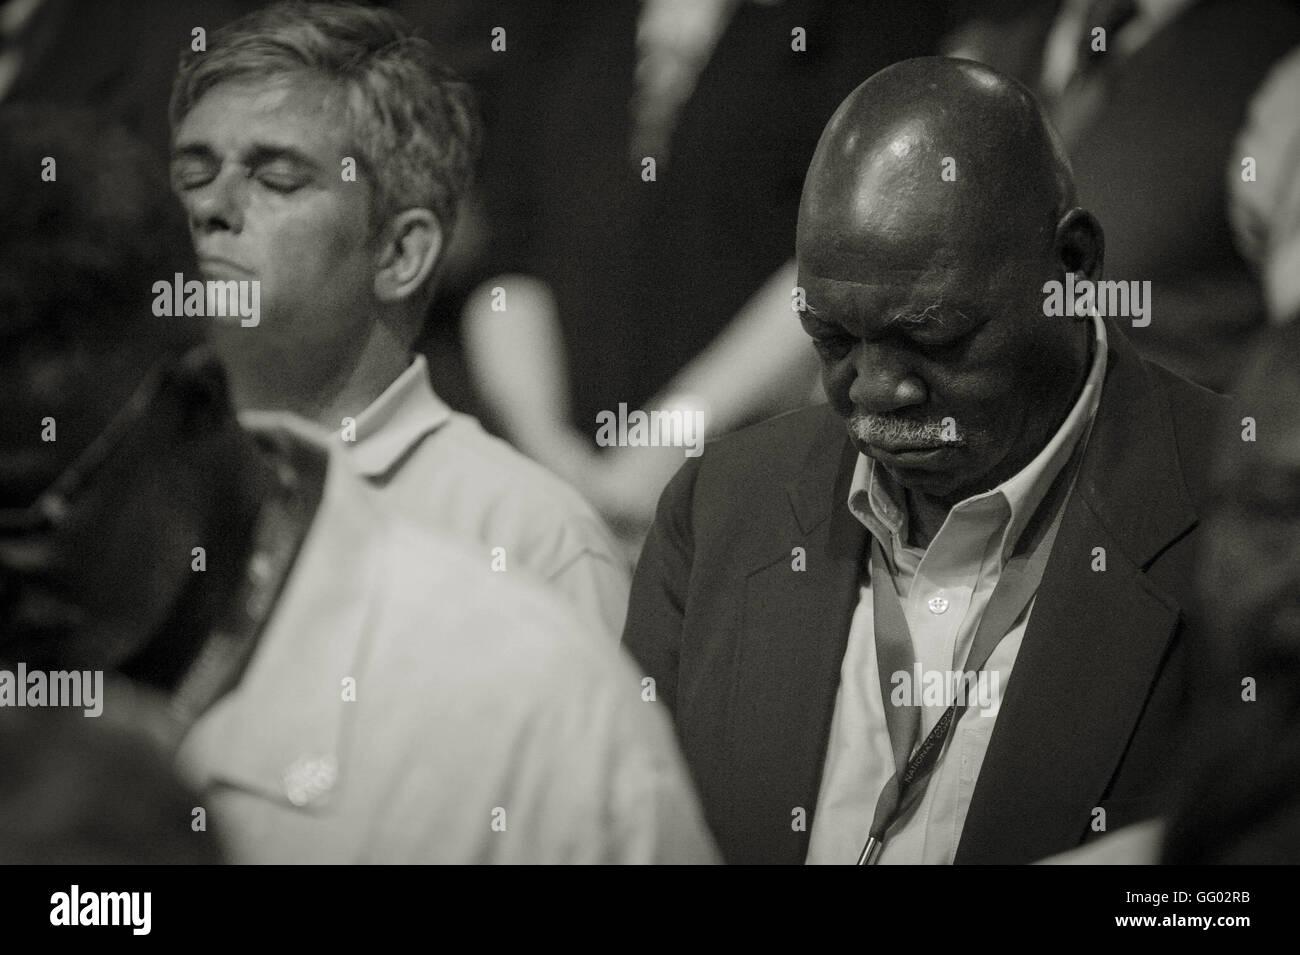 Eine afrikanische amerikanische/schwarzer Mann und kaukasischen/weiß man nebeneinander sitzen im Gebet bei Stockbild